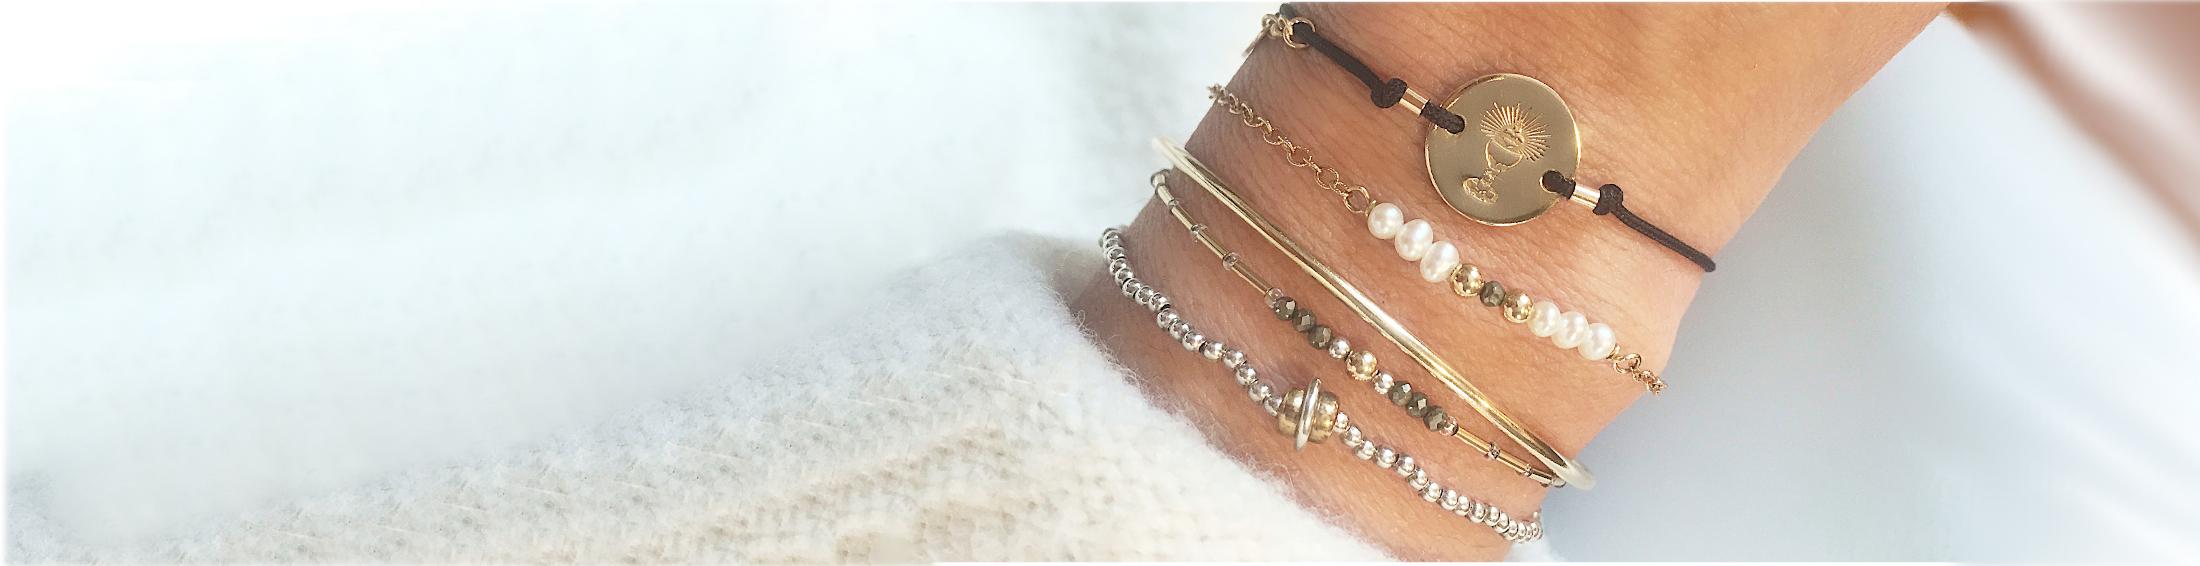 catholic-jewelry-catholic-bracelets-most-holy-eucharist-bracelet-catholic-gifts-bebeati-lg-widest.jpg